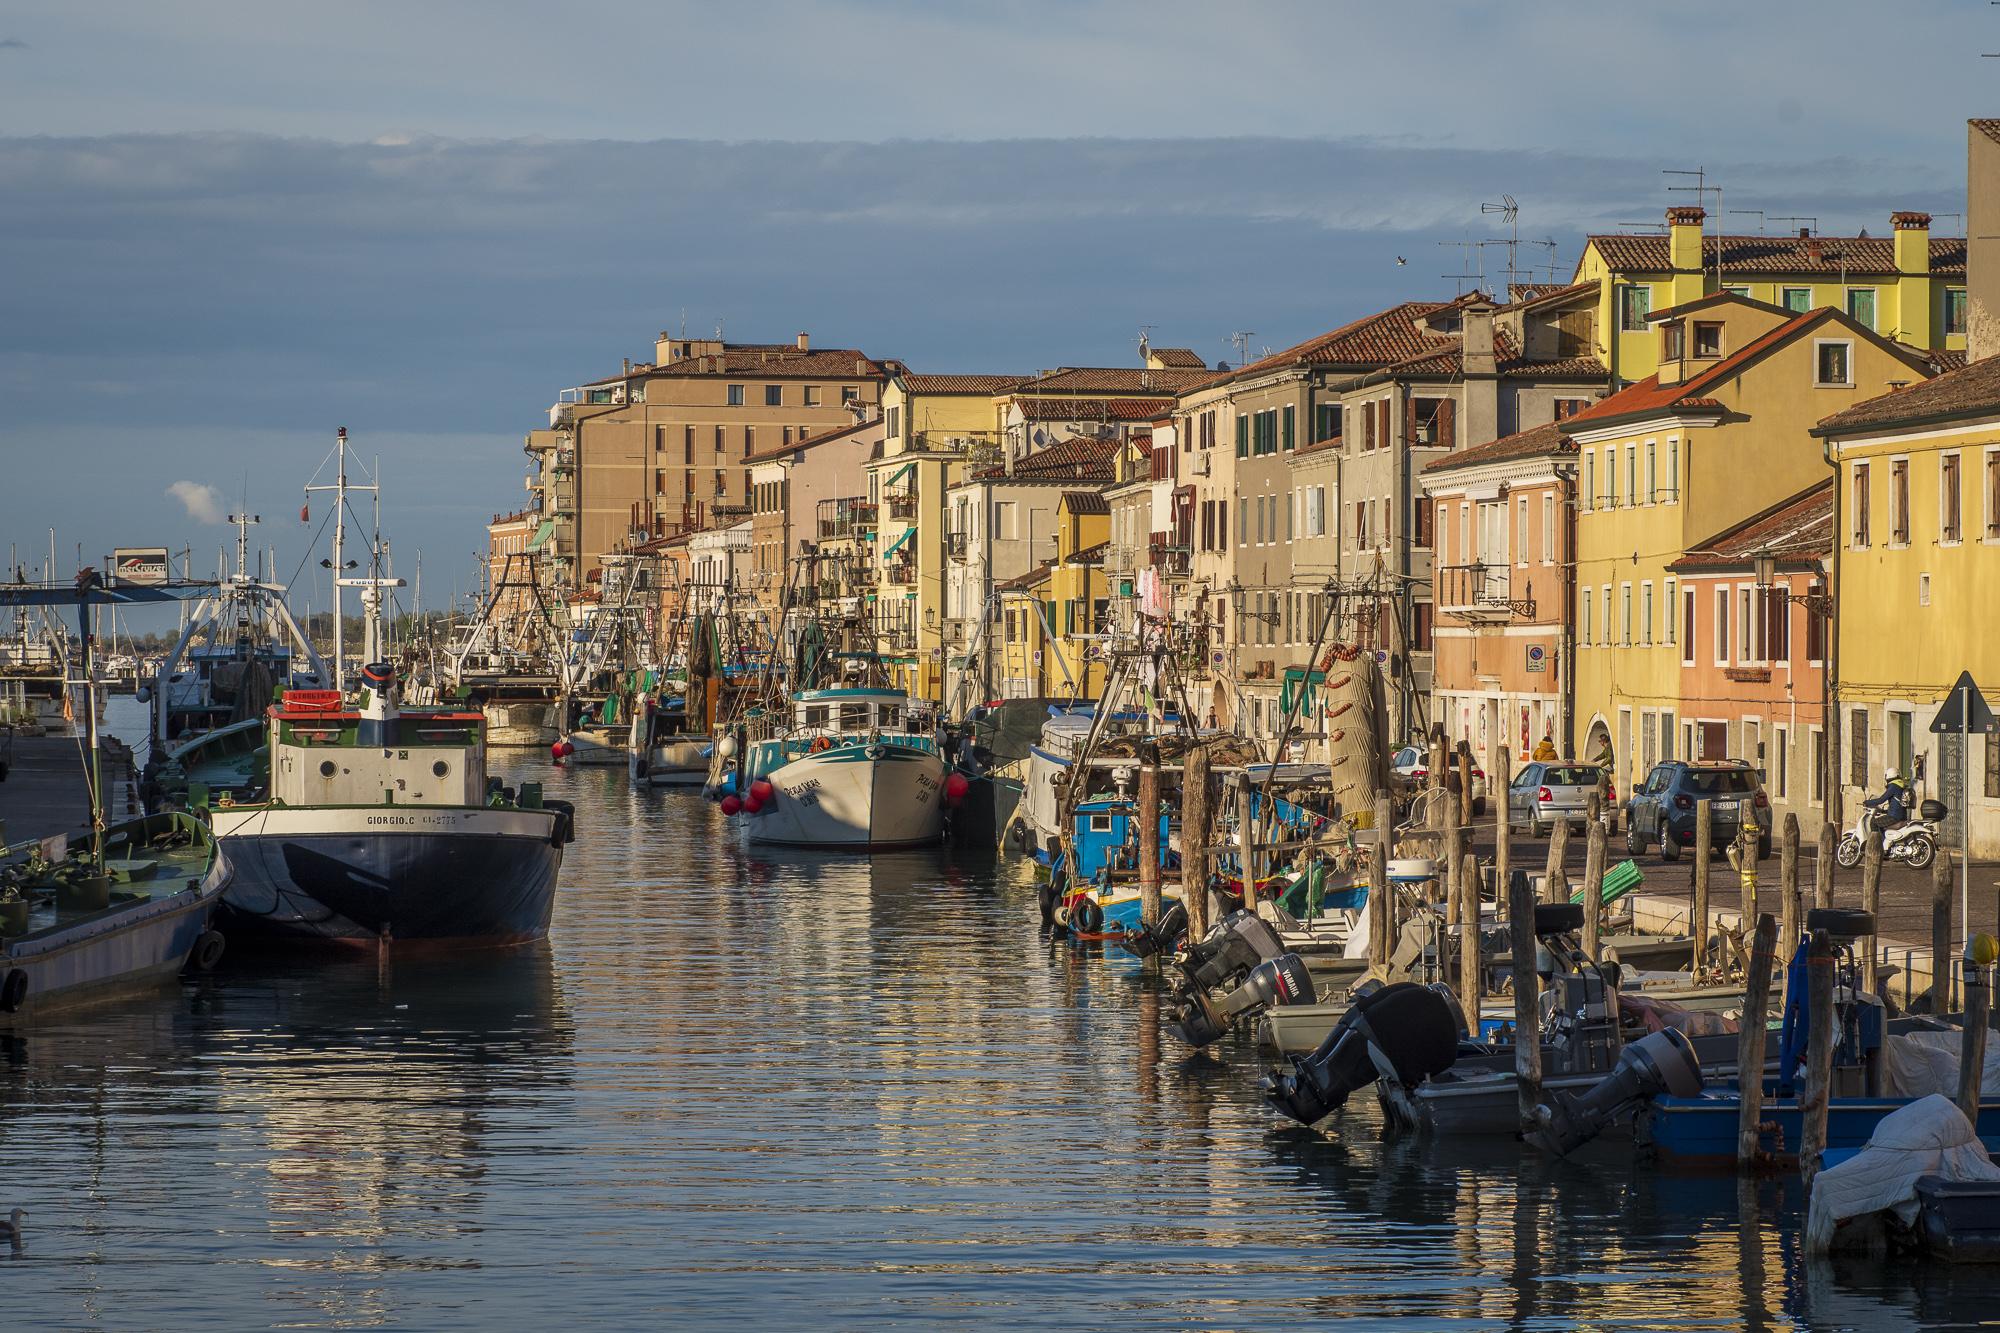 Chioggia  PHOTOGRAPHY: ALEXANDER J.E. BRADLEY • NIKON D500 • AF-S NIKKOR 24-70MM Ƒ/2.8G ED @ 70MM • Ƒ/8 • 1/500 SEC • ISO 100